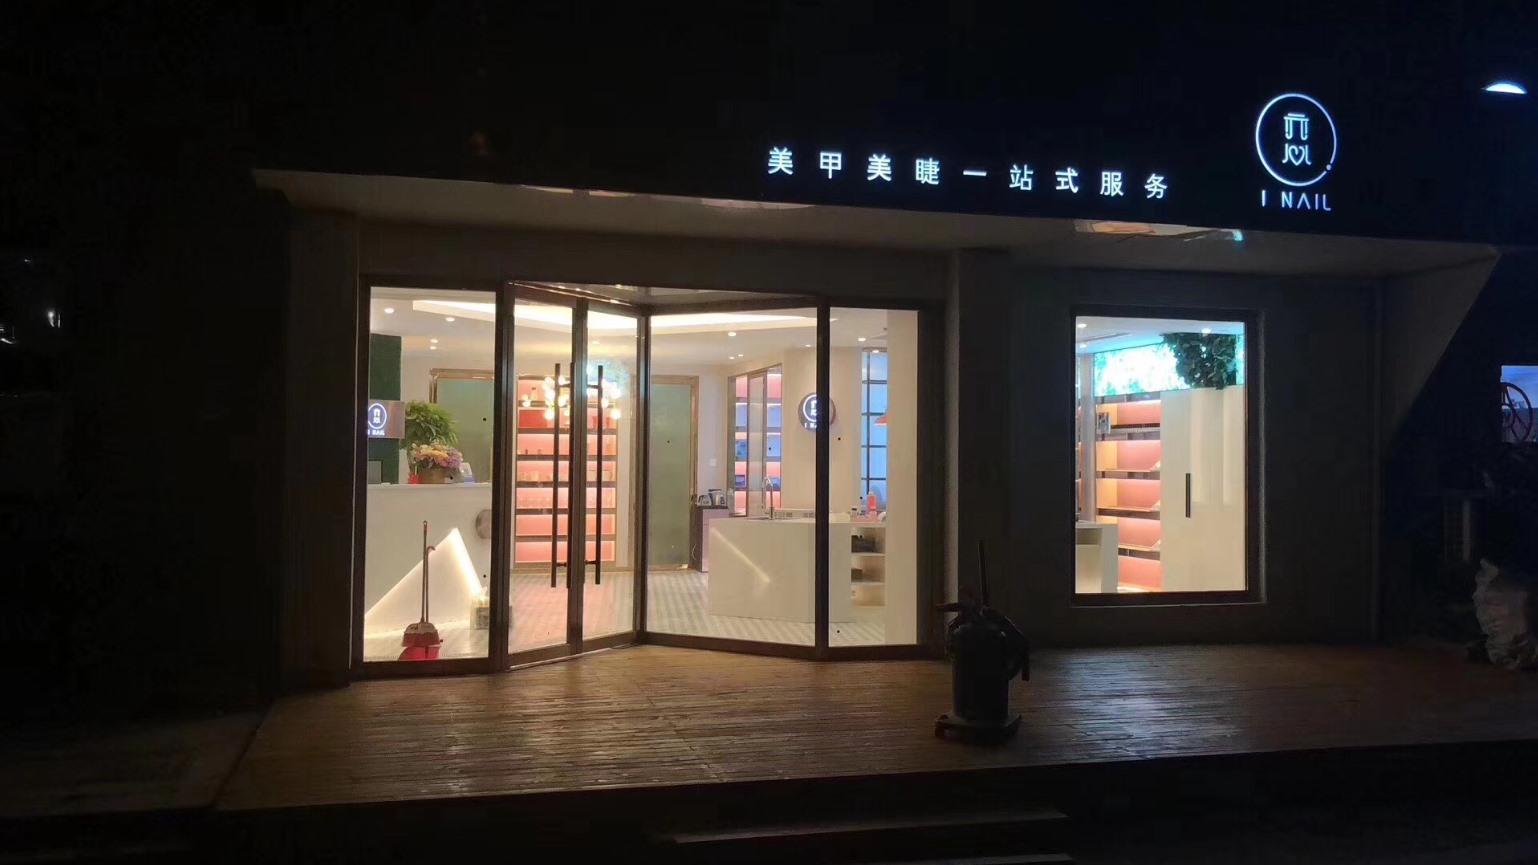 美甲店如何选址?美甲店常开在什么地方